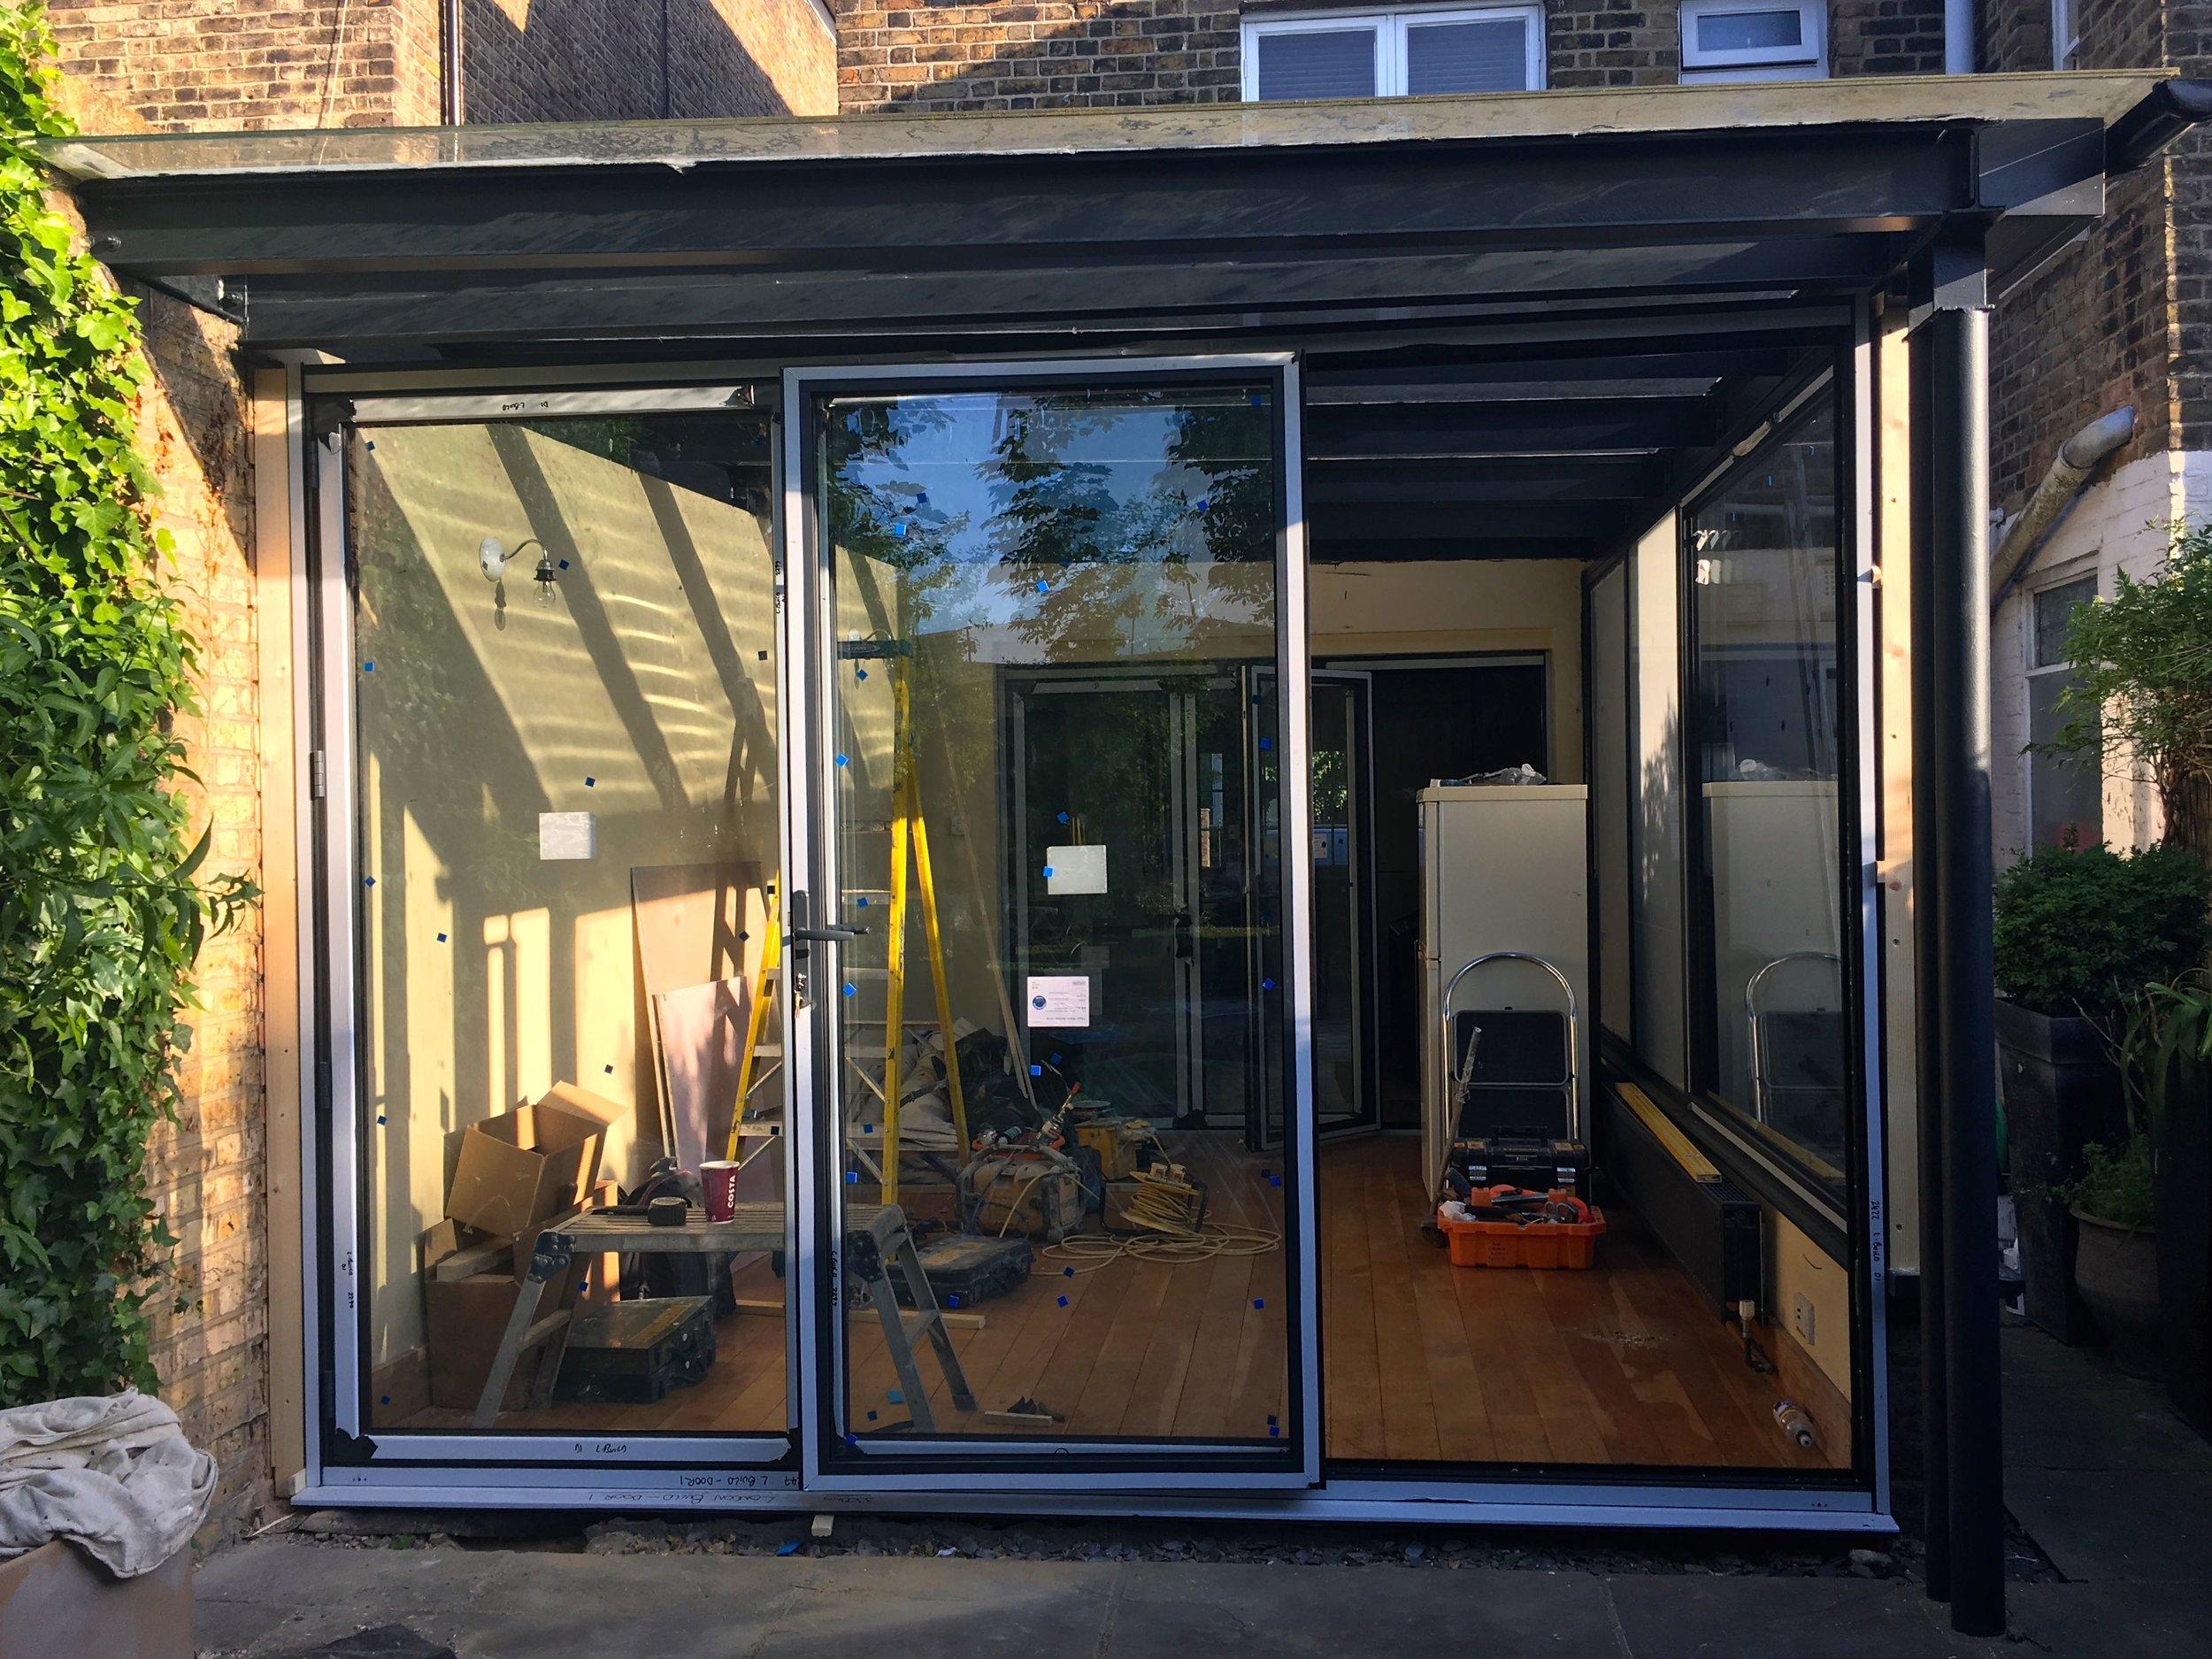 External doors again - yay